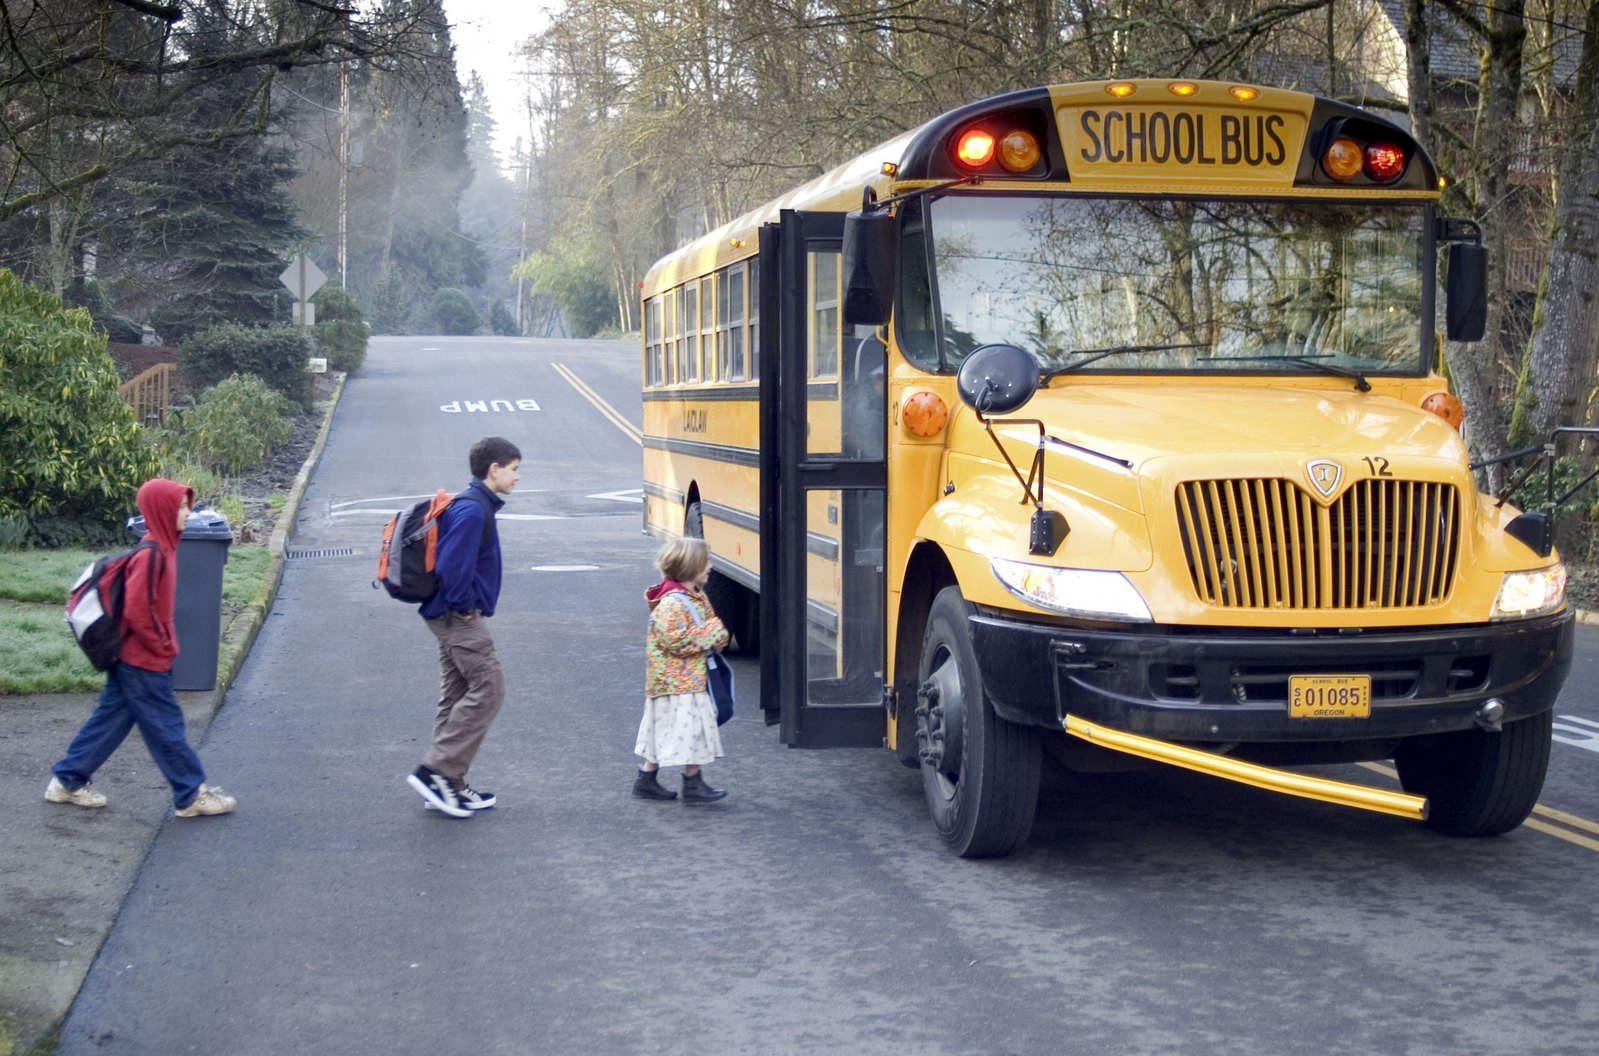 Novi Mi school-bus